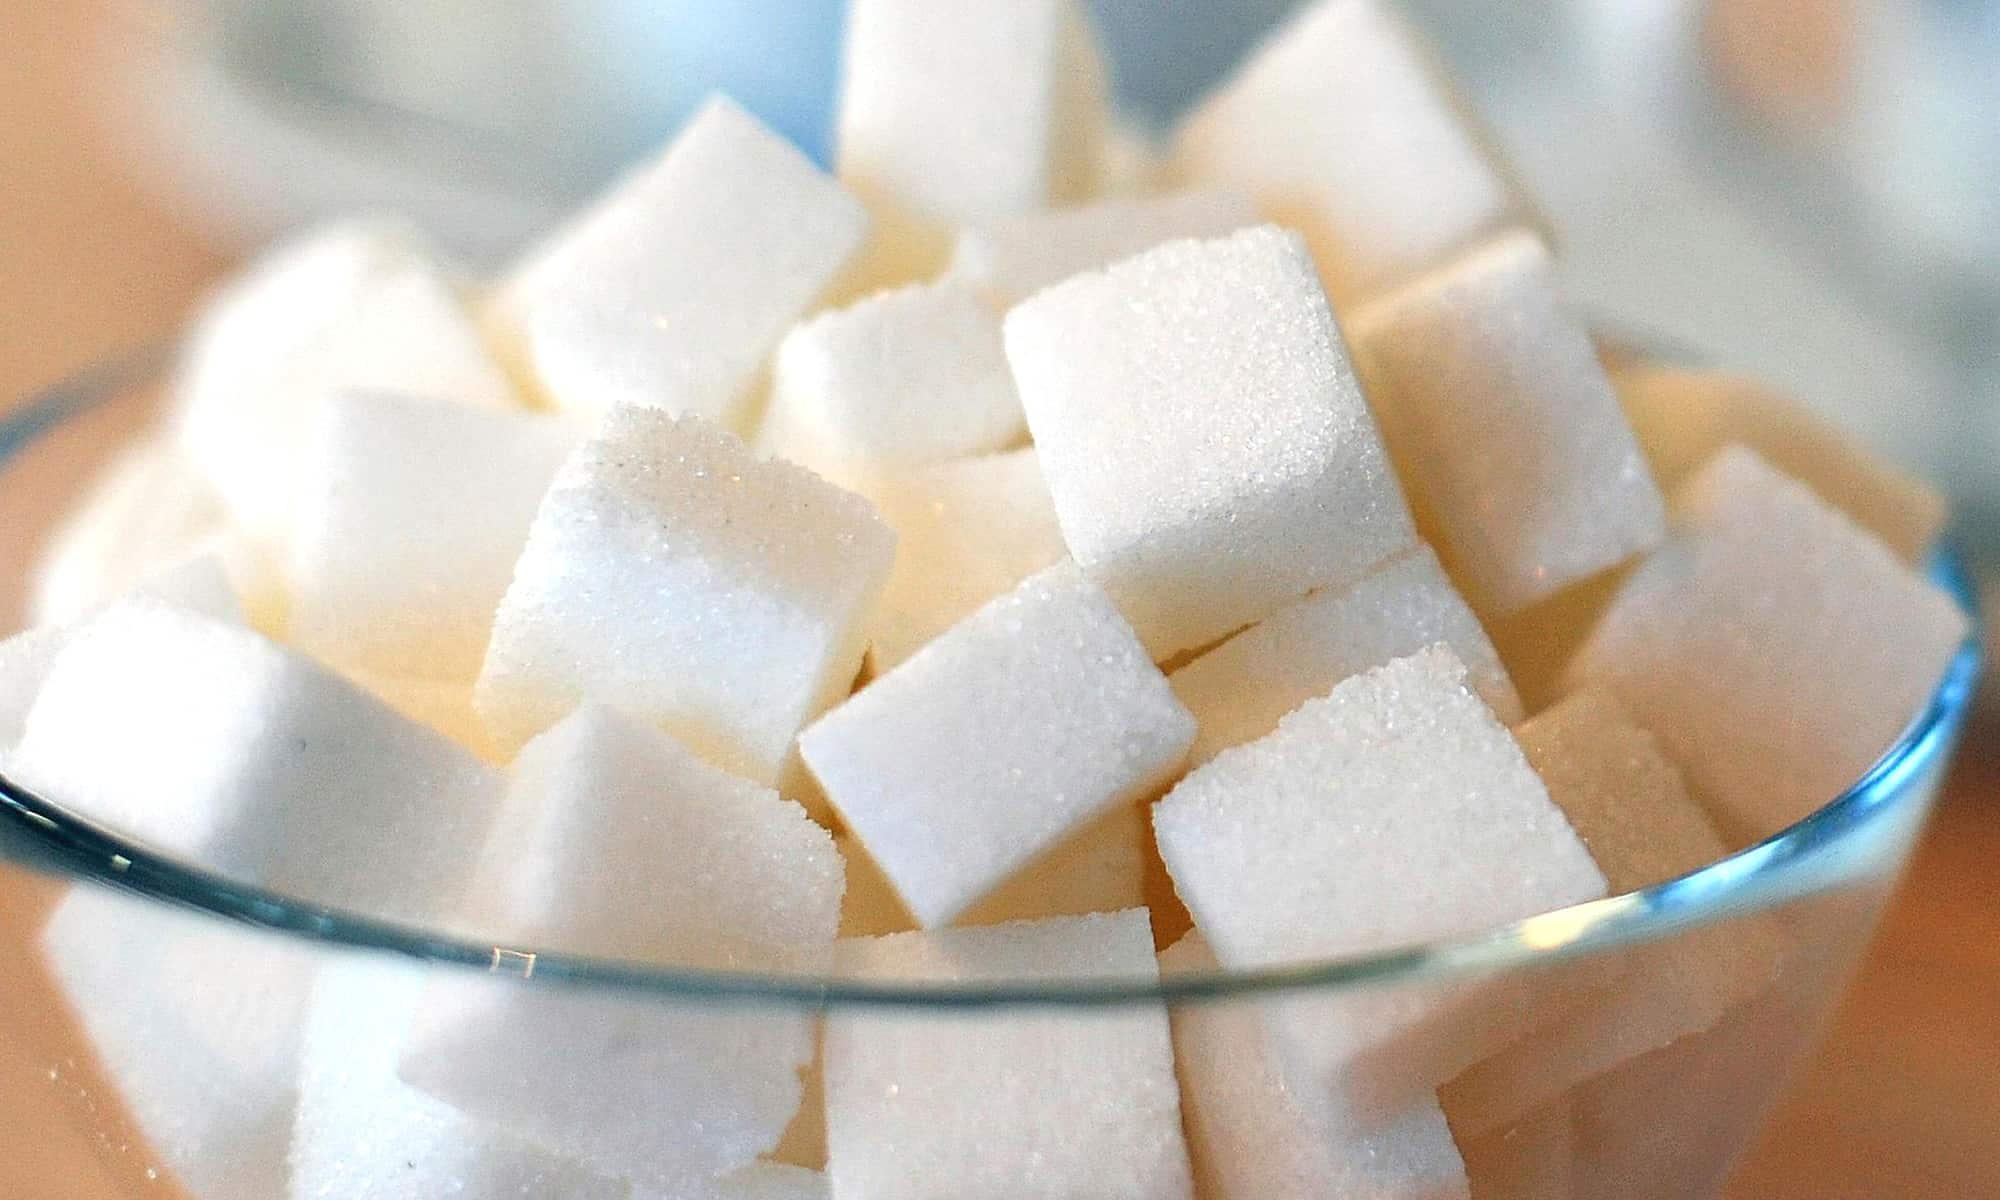 b8dd09d8b كم عدد السعرات الحرارية في السكر ؟ - موسوعة